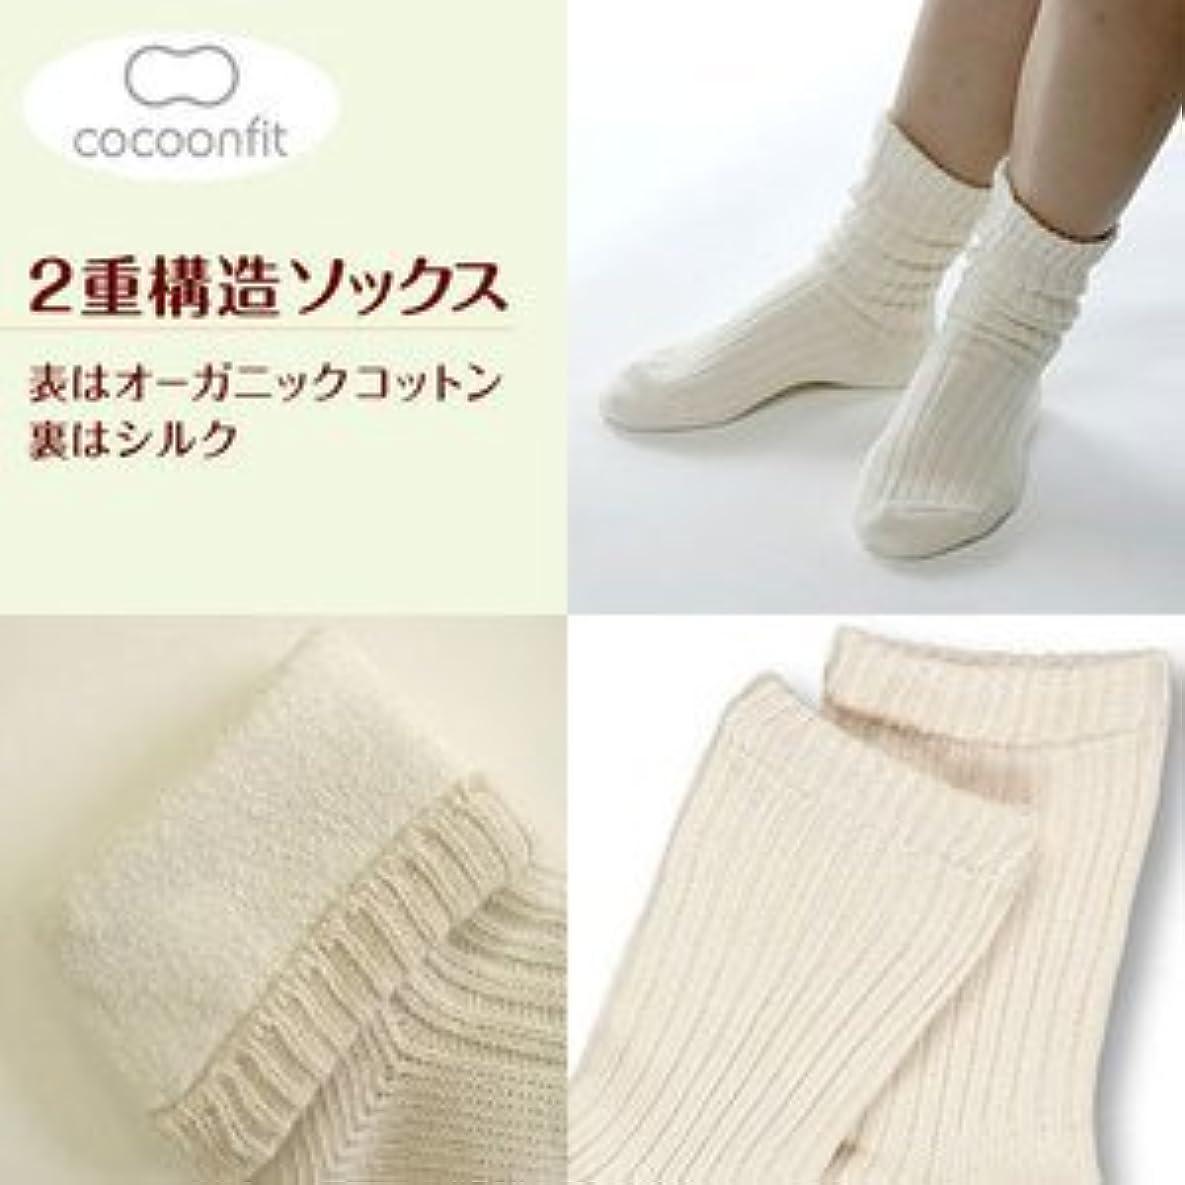 ライム考慮マントルシルク 2重編みソックス (冷え取り靴下、冷えとり 靴下 シルク、重ね、二重)